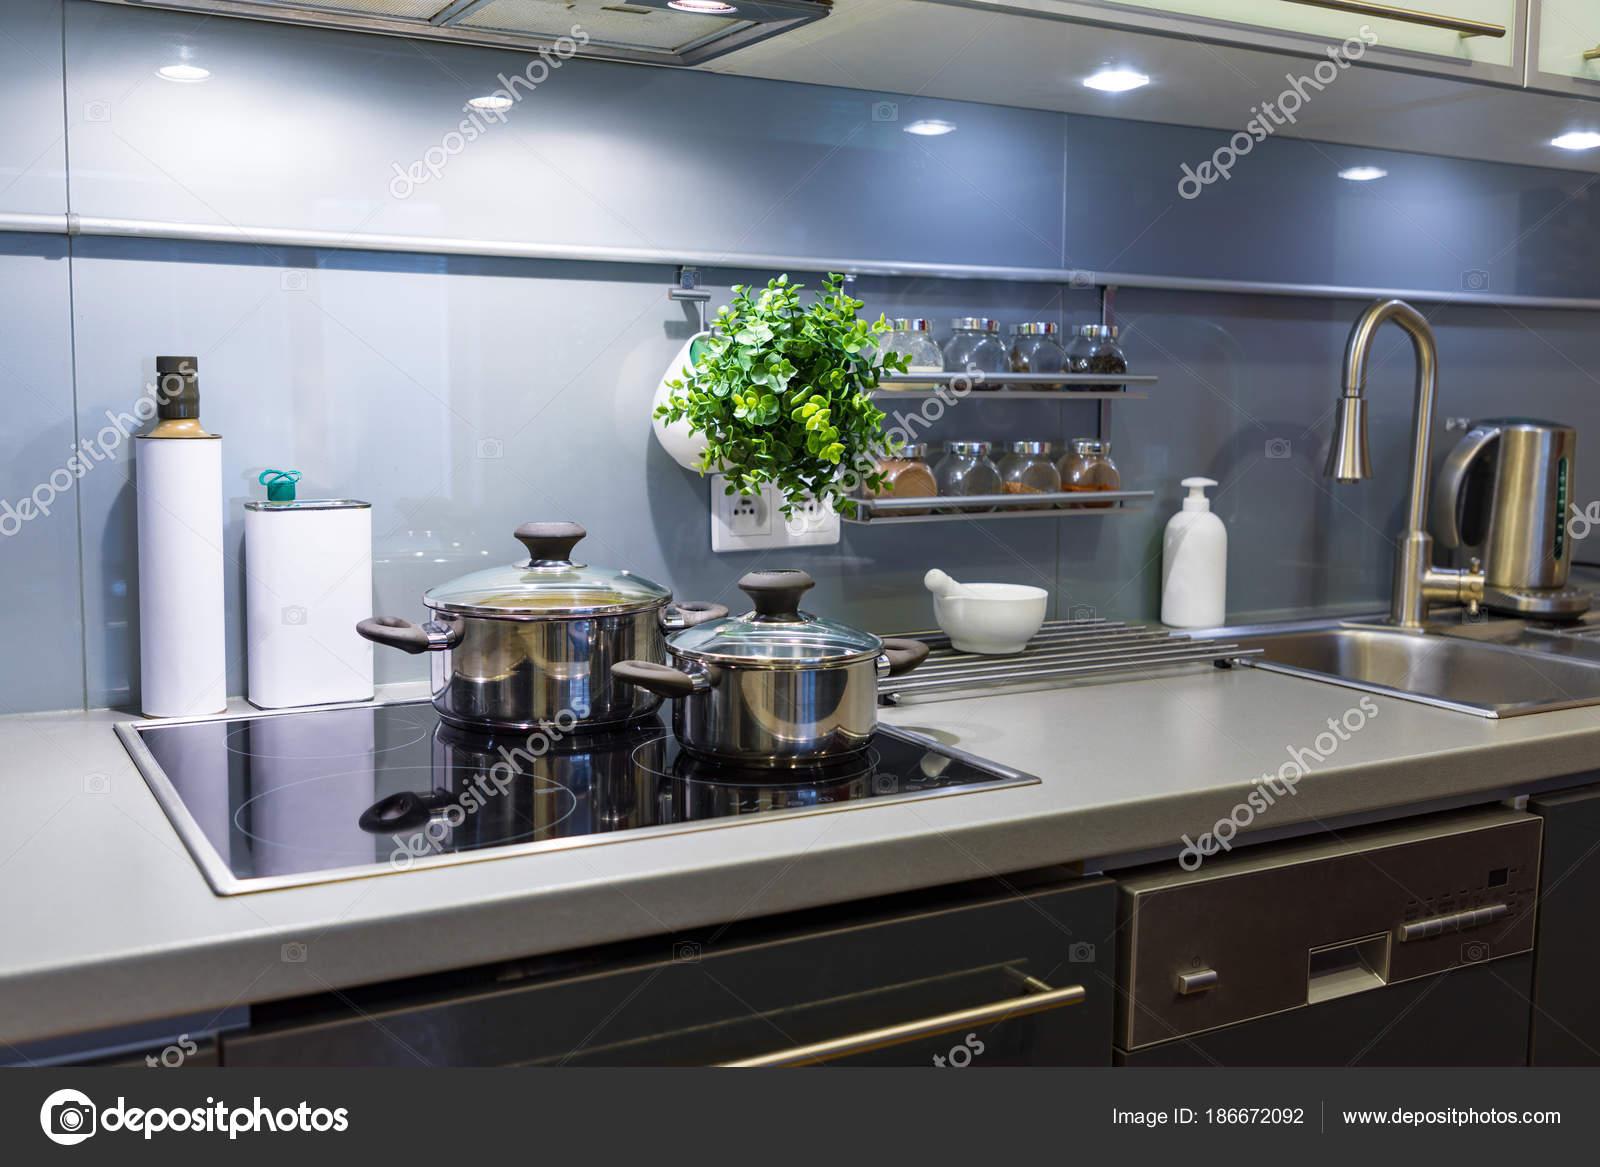 moderna cocina en casa con utensilios de cocina — Foto de stock ...